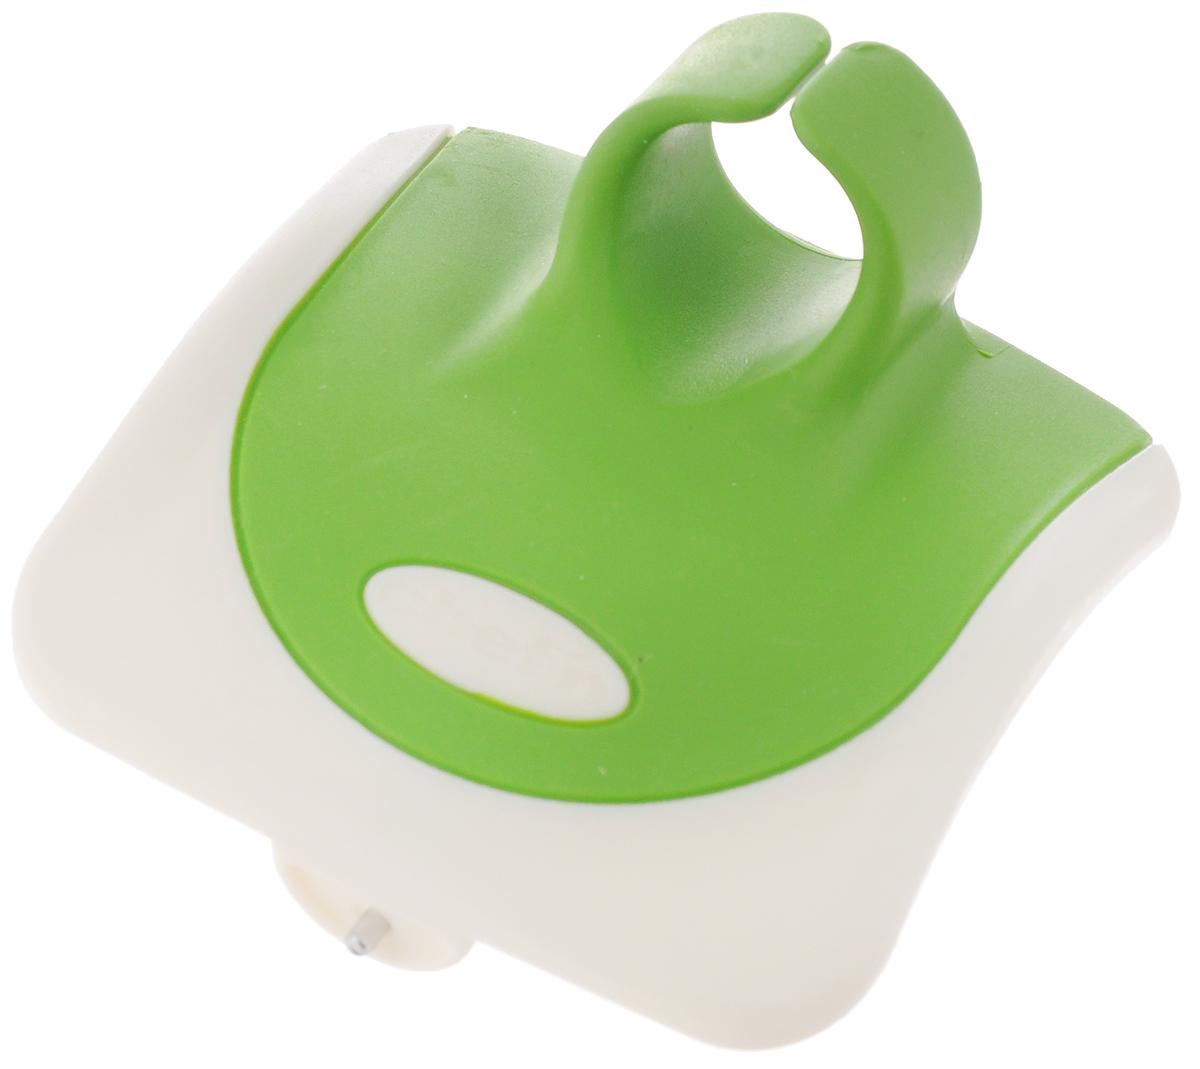 Овощечистка Chefn, цвет: зеленый, белый102-040-011Овощечистка Chefn выполнена из пластика, стали и силикона. Изделие очень удобно. Овощечистка помещается в руку и одевается на палец. Удобная овощечистка Chefn поможет вам очень быстро и без особого усилия почистить овощи.Можно мыть в посудомоечной машине.Общая длина овощечистки: 7 см.